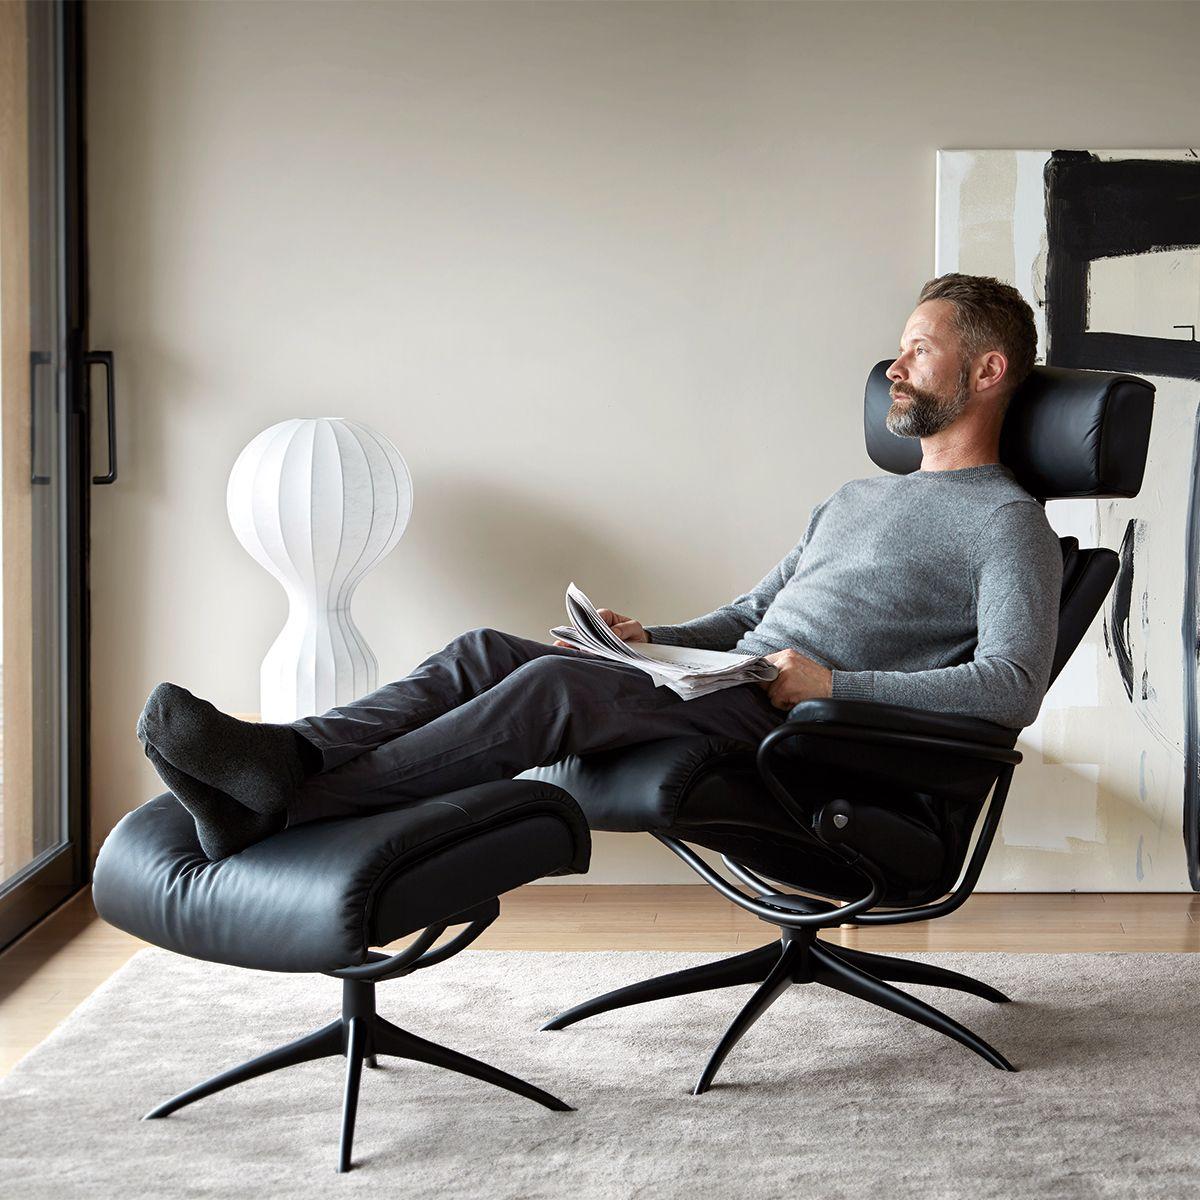 Stressless 2020 Stressless Chair Stressless Recliner Bean Bag Lounge Chair